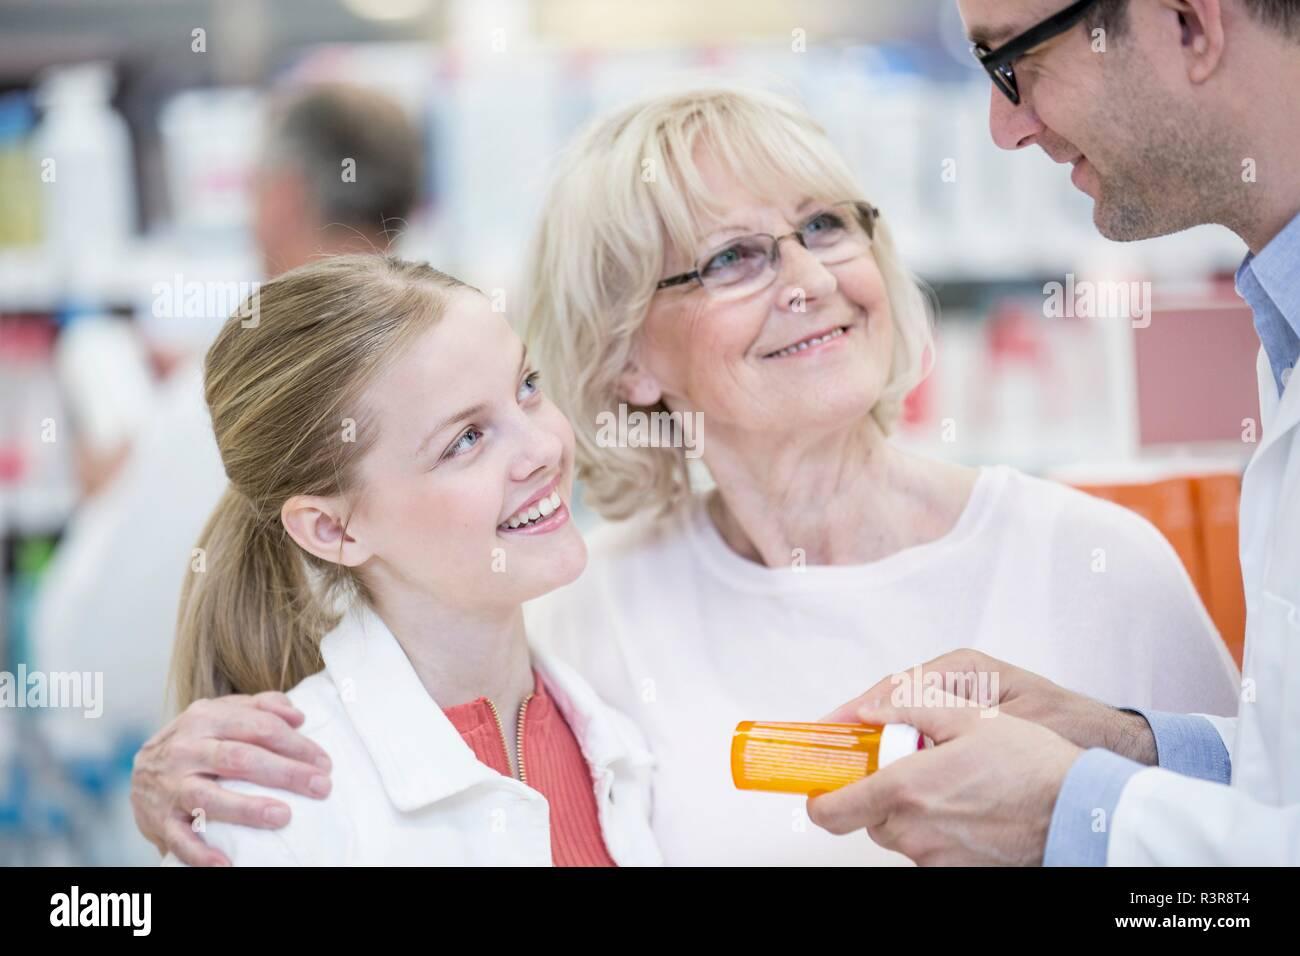 Homme pharmacien expliquant ces médicaments à mature woman and girl en pharmacie. Photo Stock